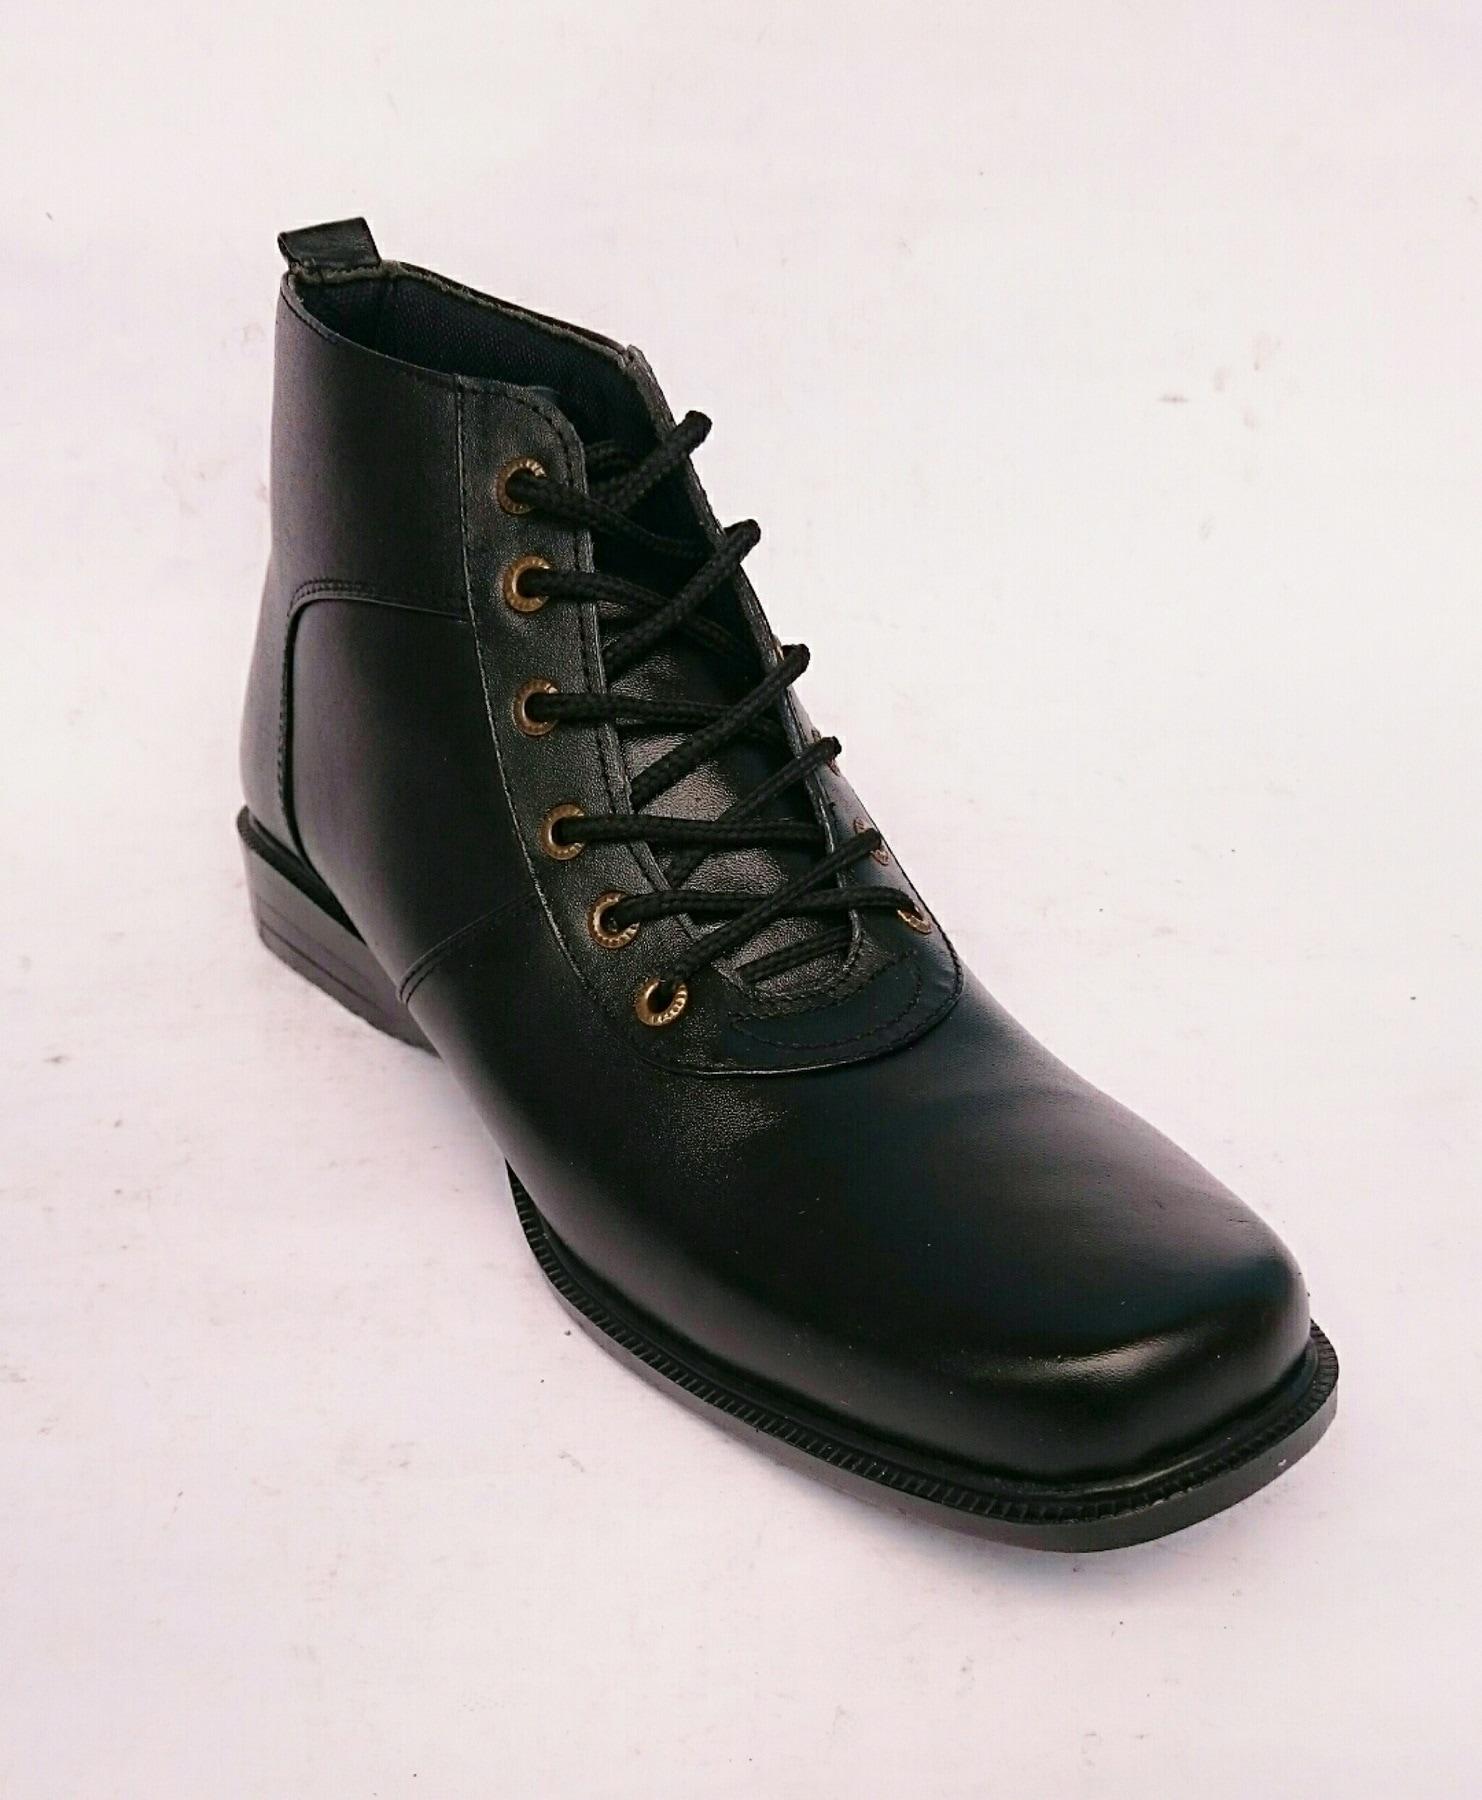 harga Rasheda Sepatu Pdh Boot Pria Formal Kulit Asli K 16 Blanja.com